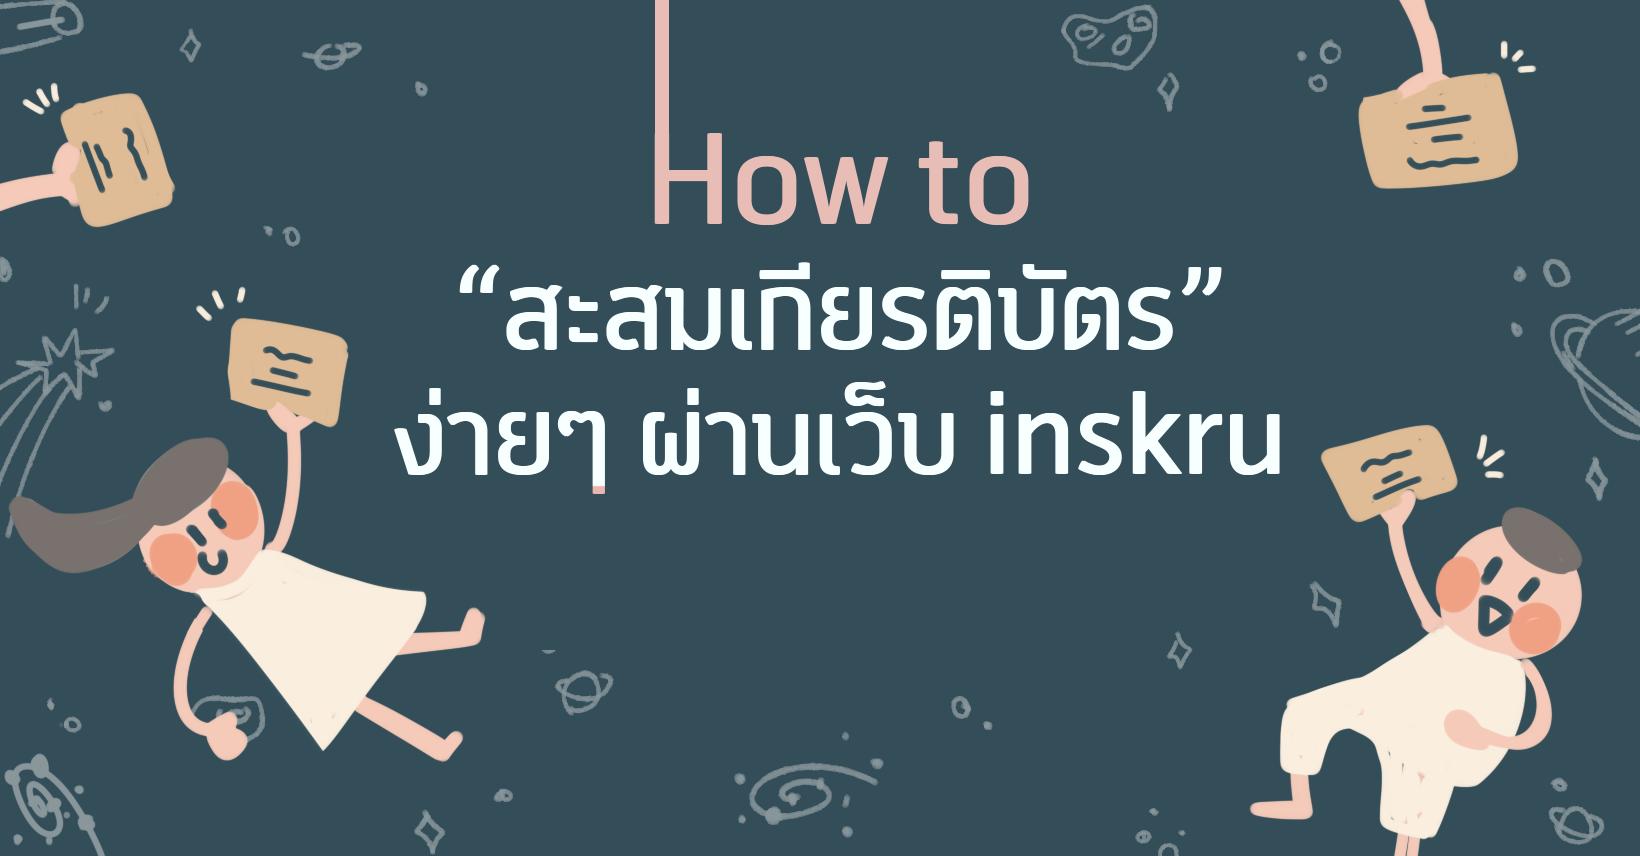 ภาพประกอบไอเดีย How to สะสมเกียรติบัตรครูผ่านเว็บ insKru